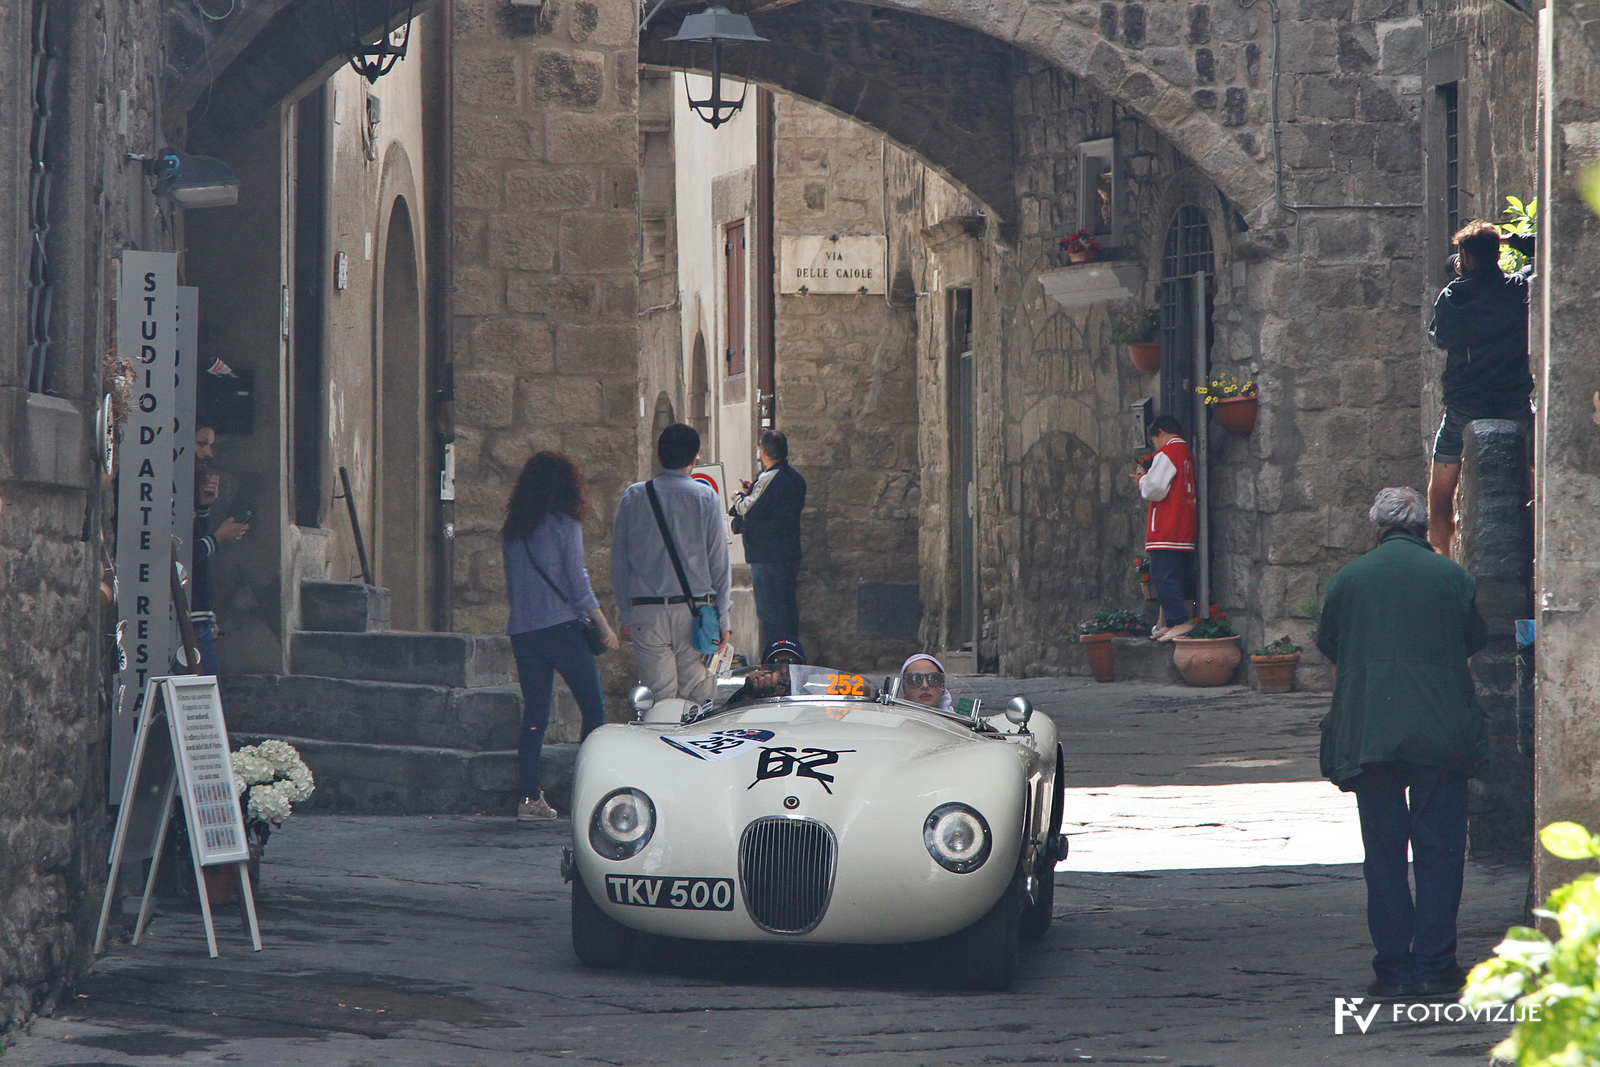 Med ozkimi ulicami Viterba so bili zvoki dirkalnikov na Mille Miglia še bolj poudarjeni